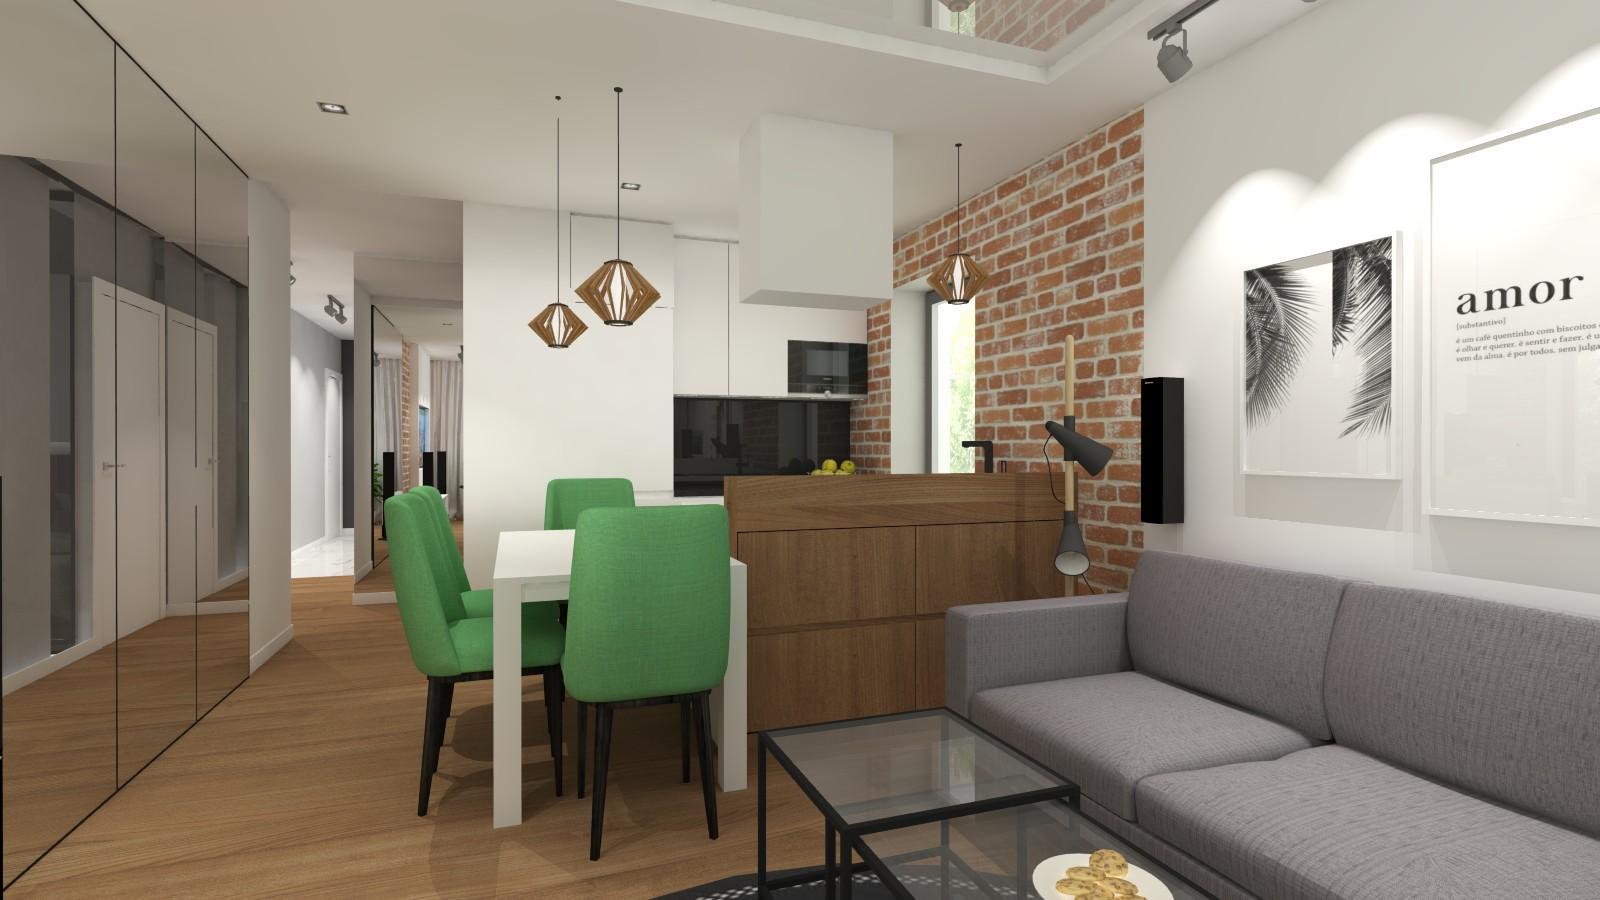 salon-z-aneksem-kuchennym-wysokimi-lustrami-z-cegla-na-scianie-biala-zabudowa-kuchenna-szara-kanapa-zielone-krzesla